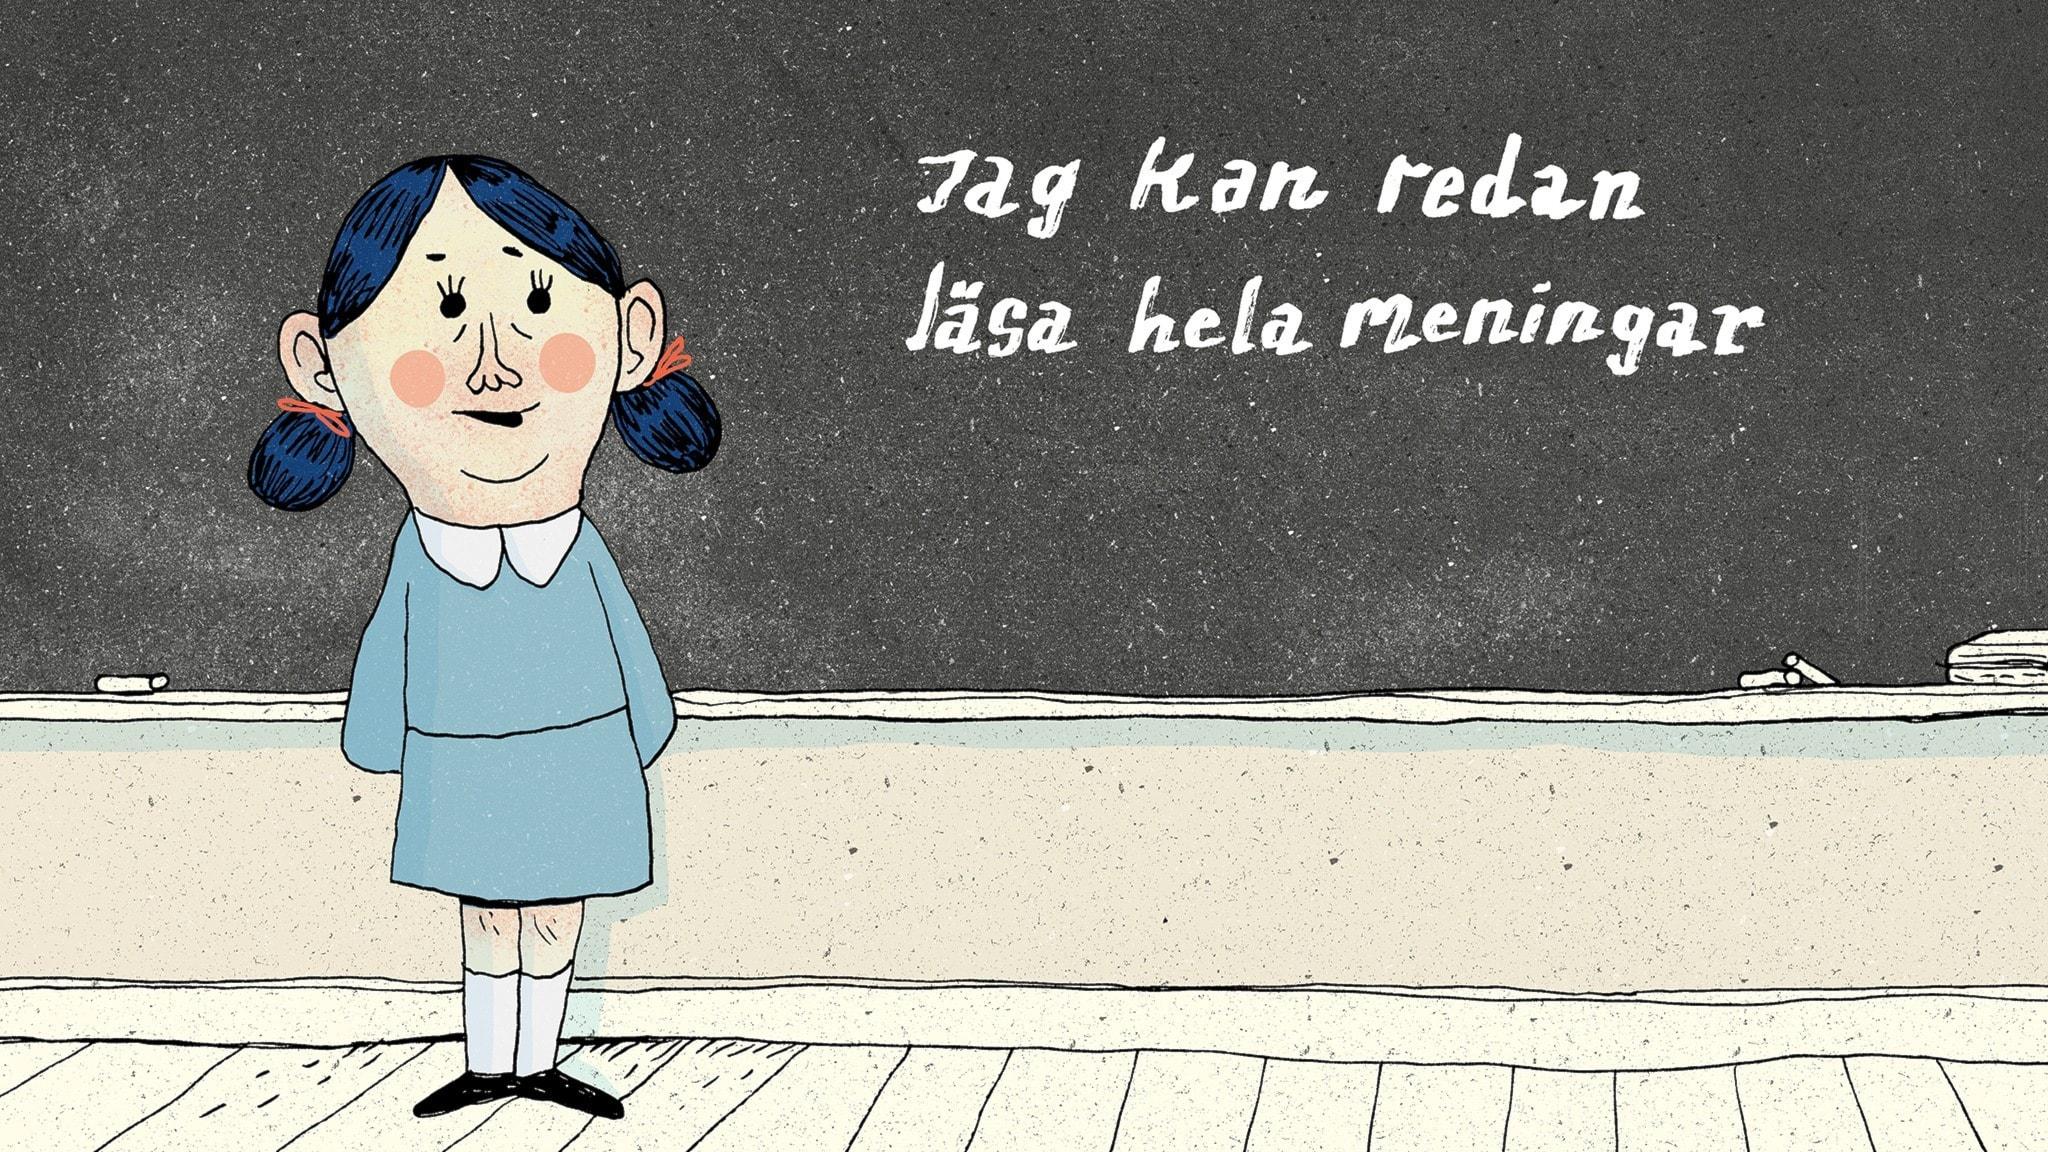 """Matilda står längst fram i klassrummet och läser en mening där det står """"Jag kan redan läsa hela meningar"""". Bild: Erik Svetoft"""